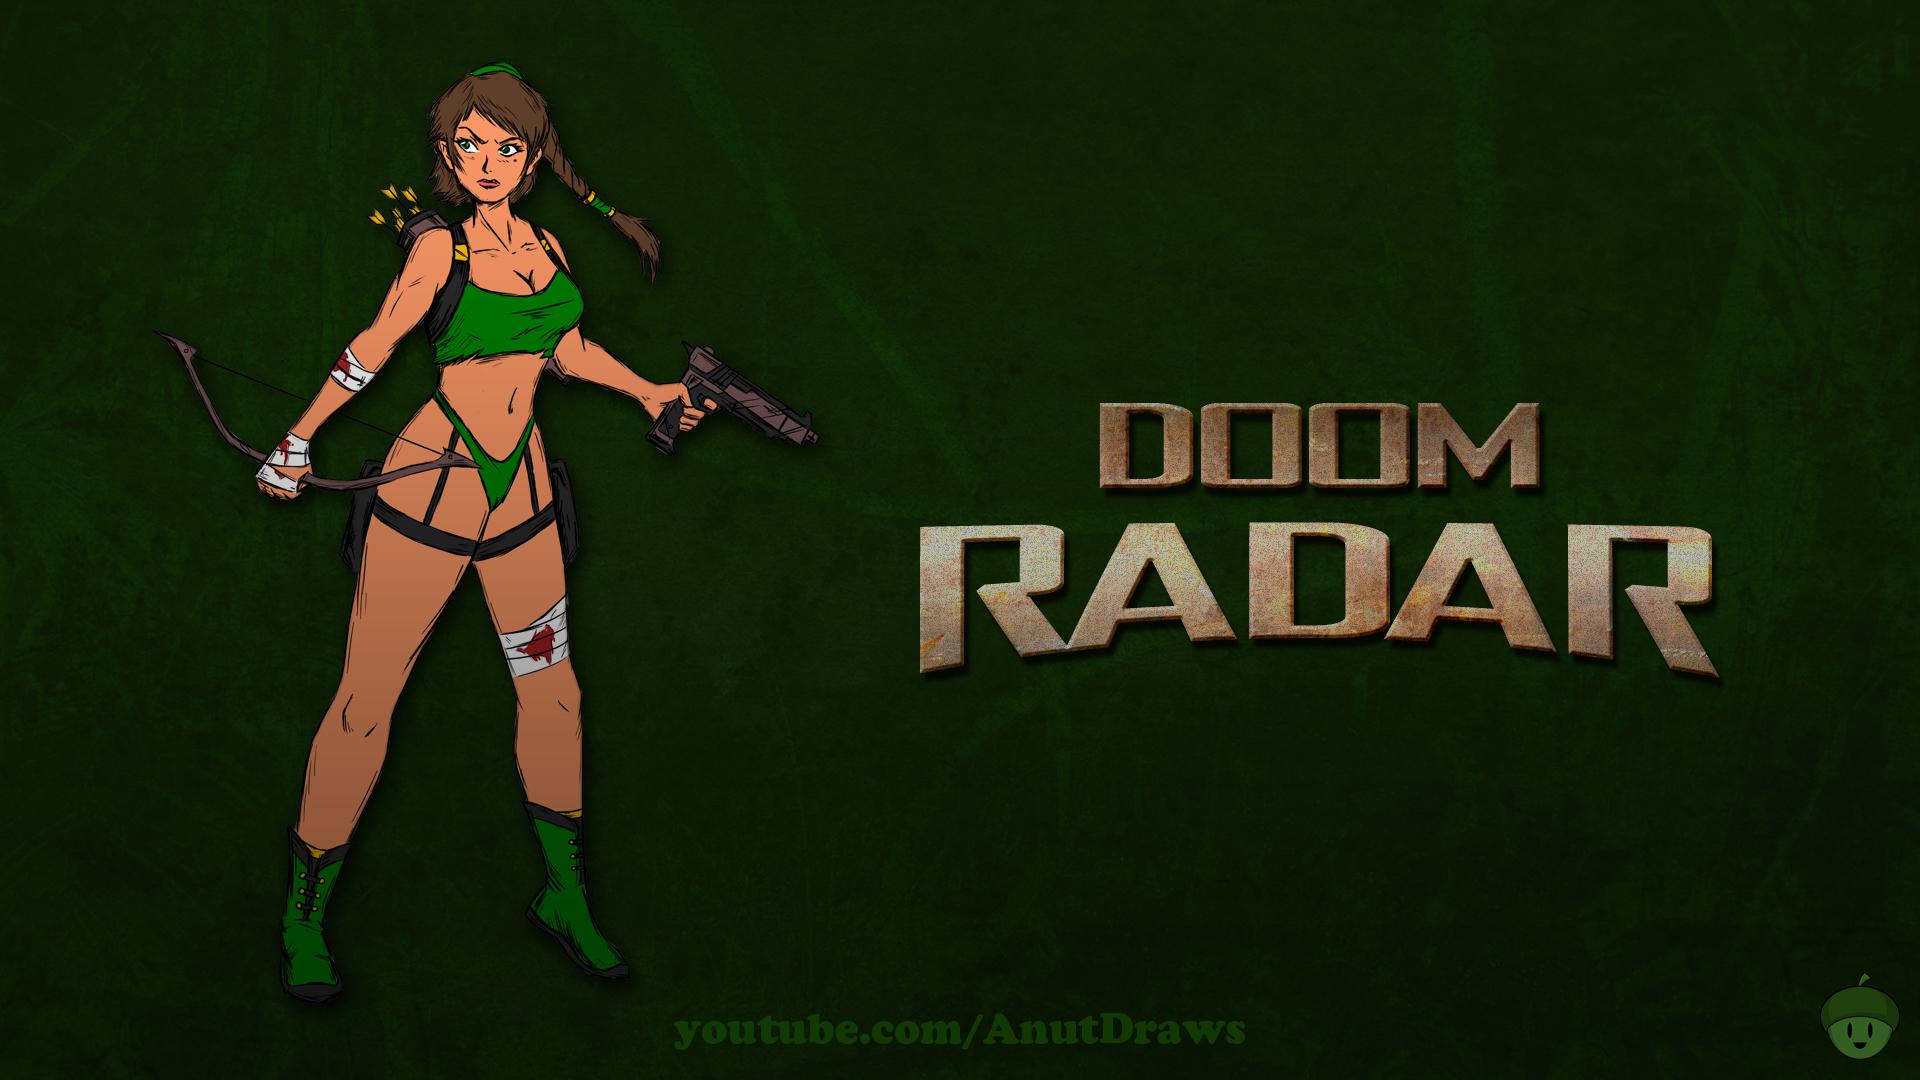 Doom Radar by AnutDraws